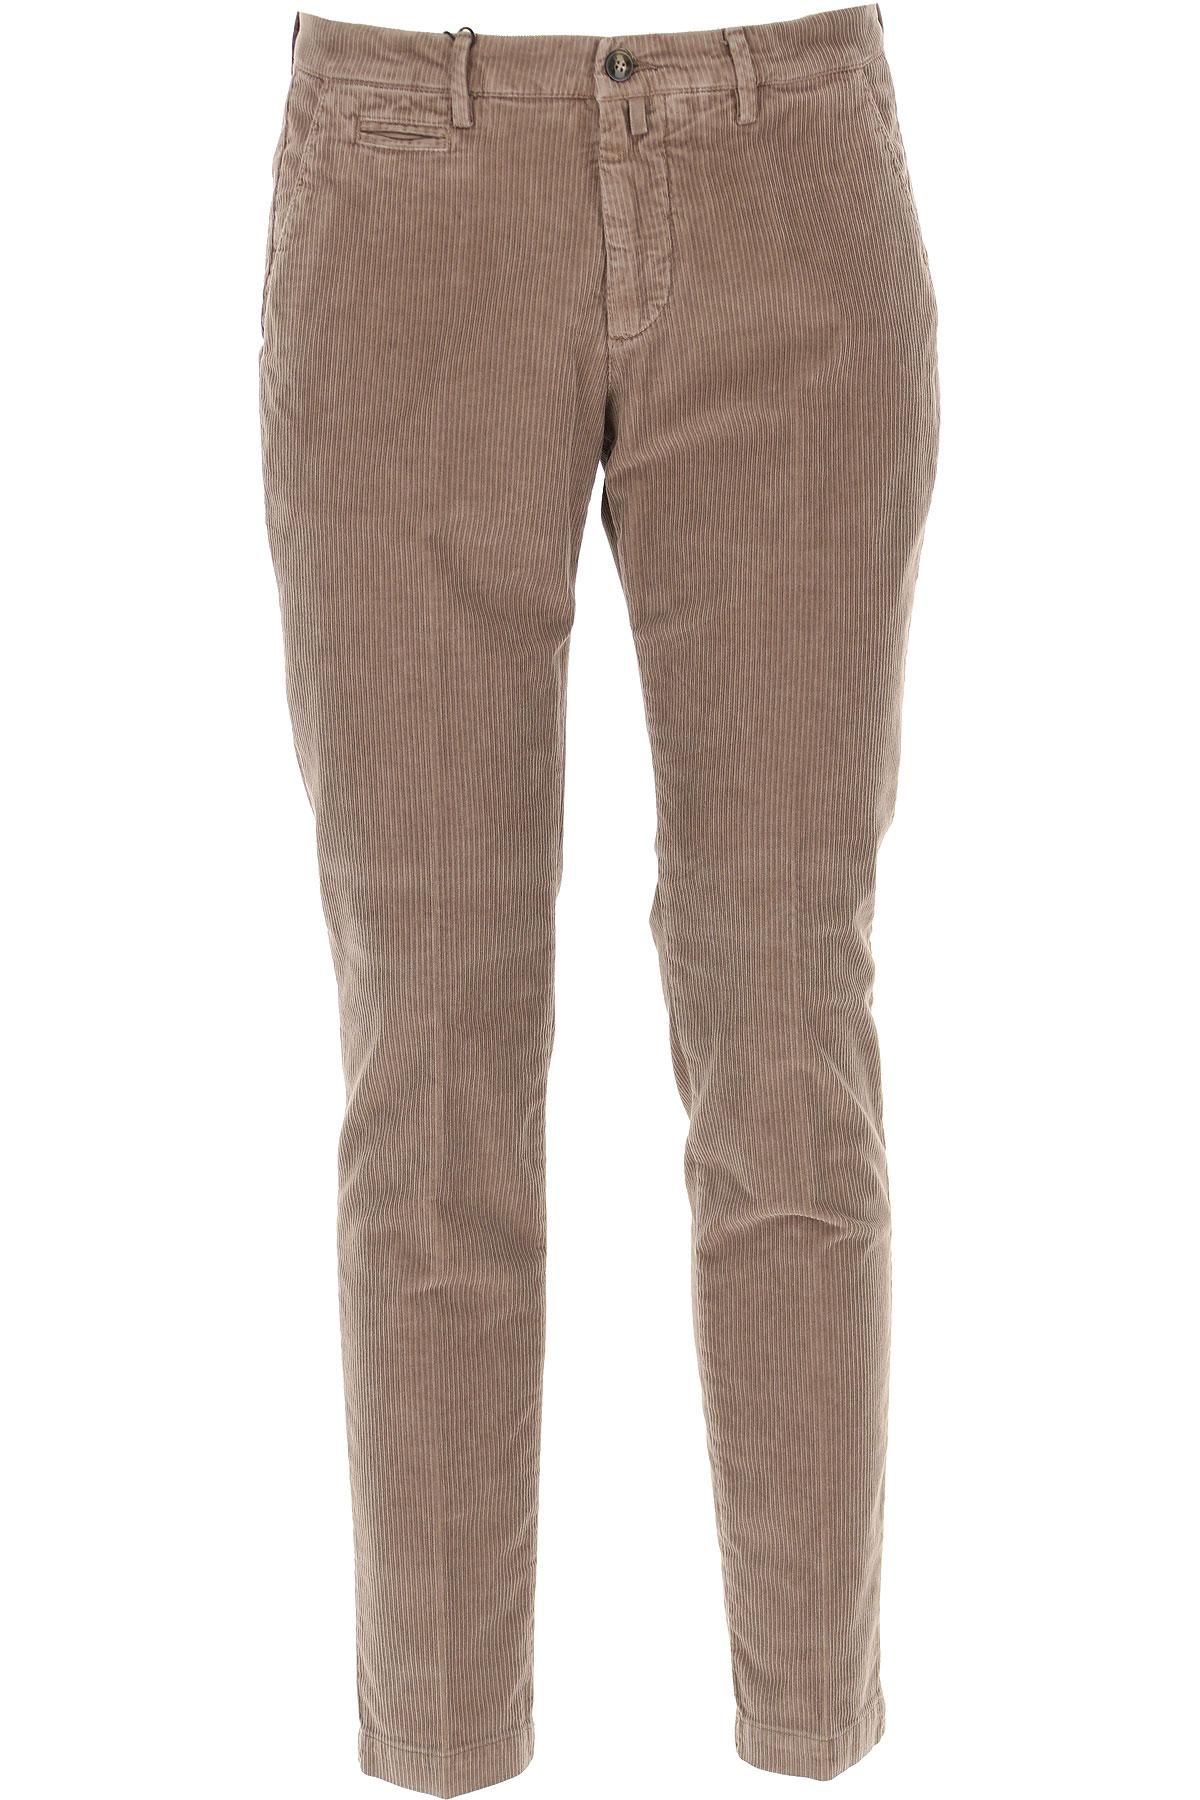 Briglia Pants for Men On Sale, Turtledove, Cotton, 2019, 31 32 34 36 38